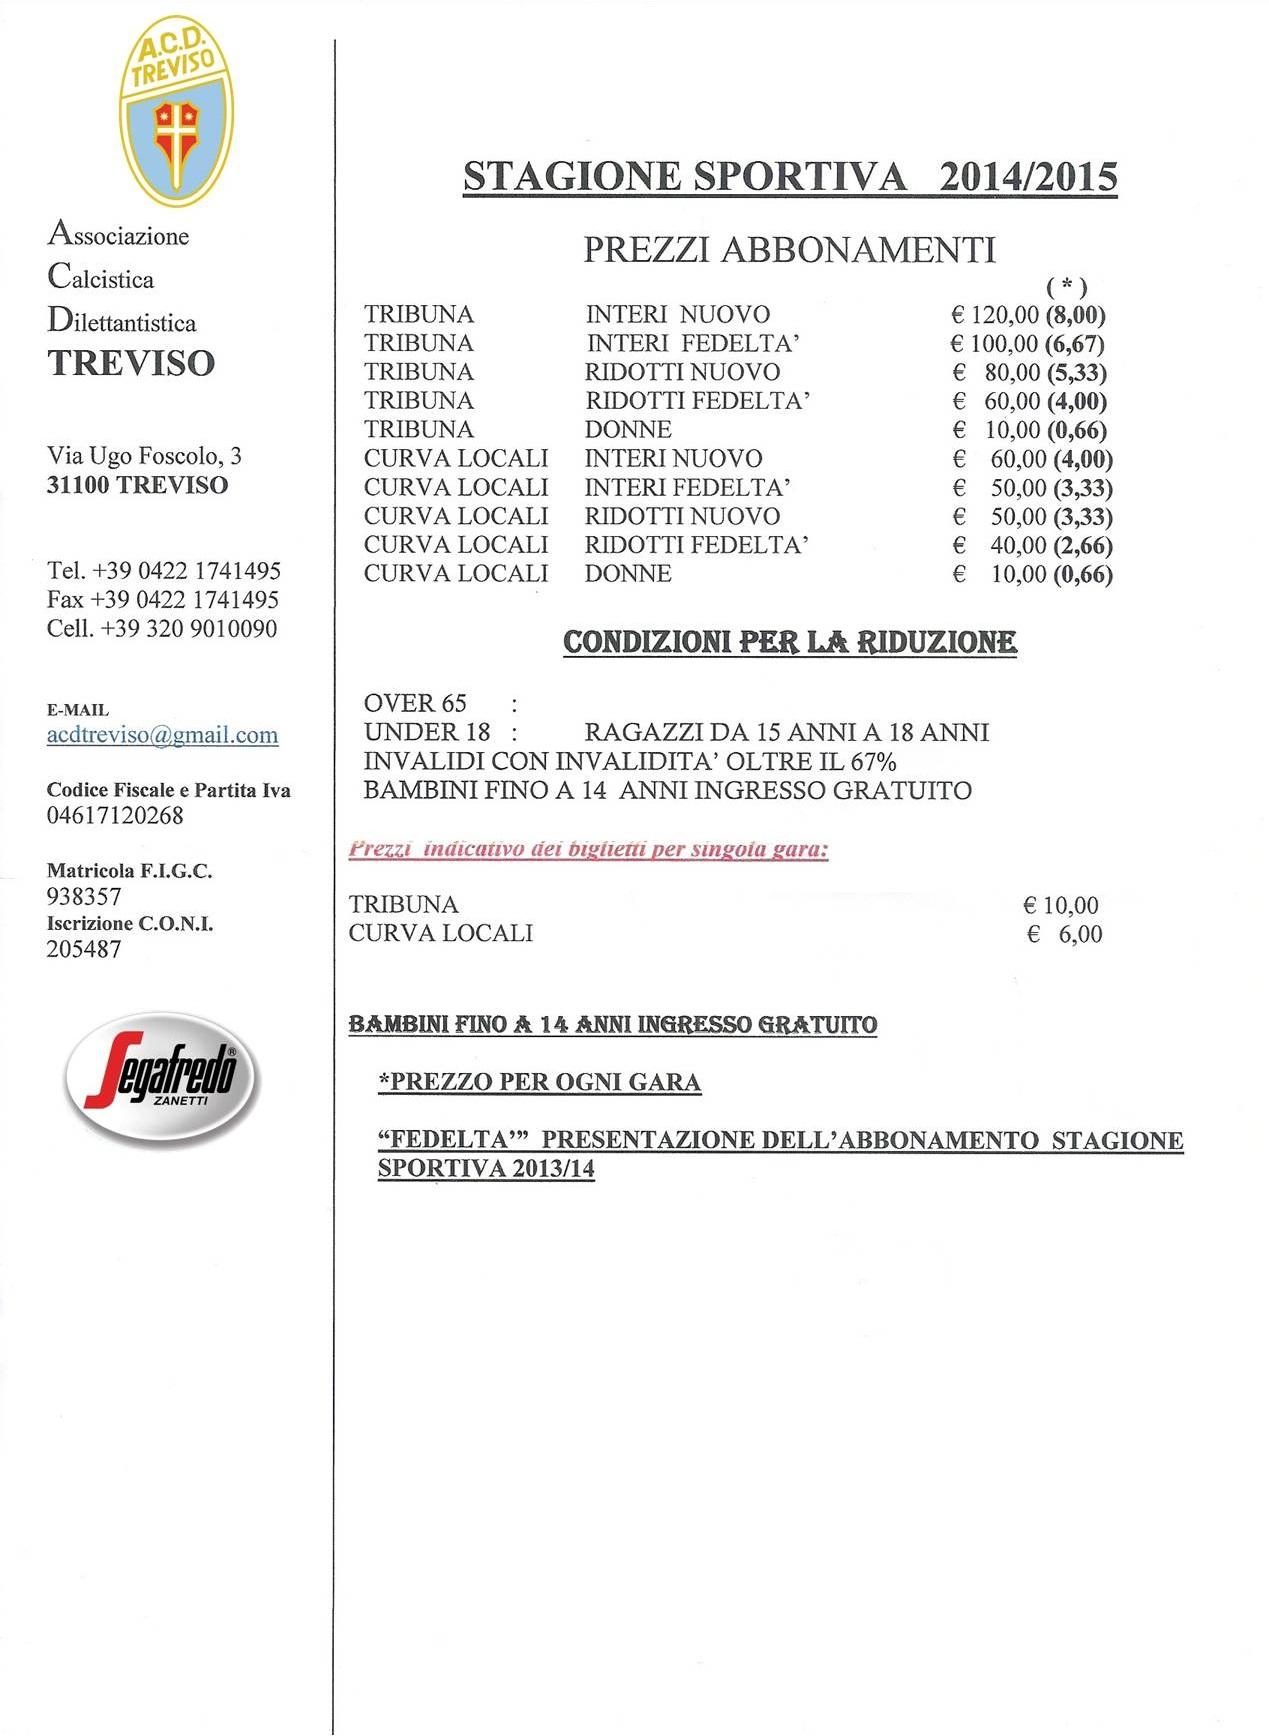 Stagione sportiva 2014-2015 abbonamenti